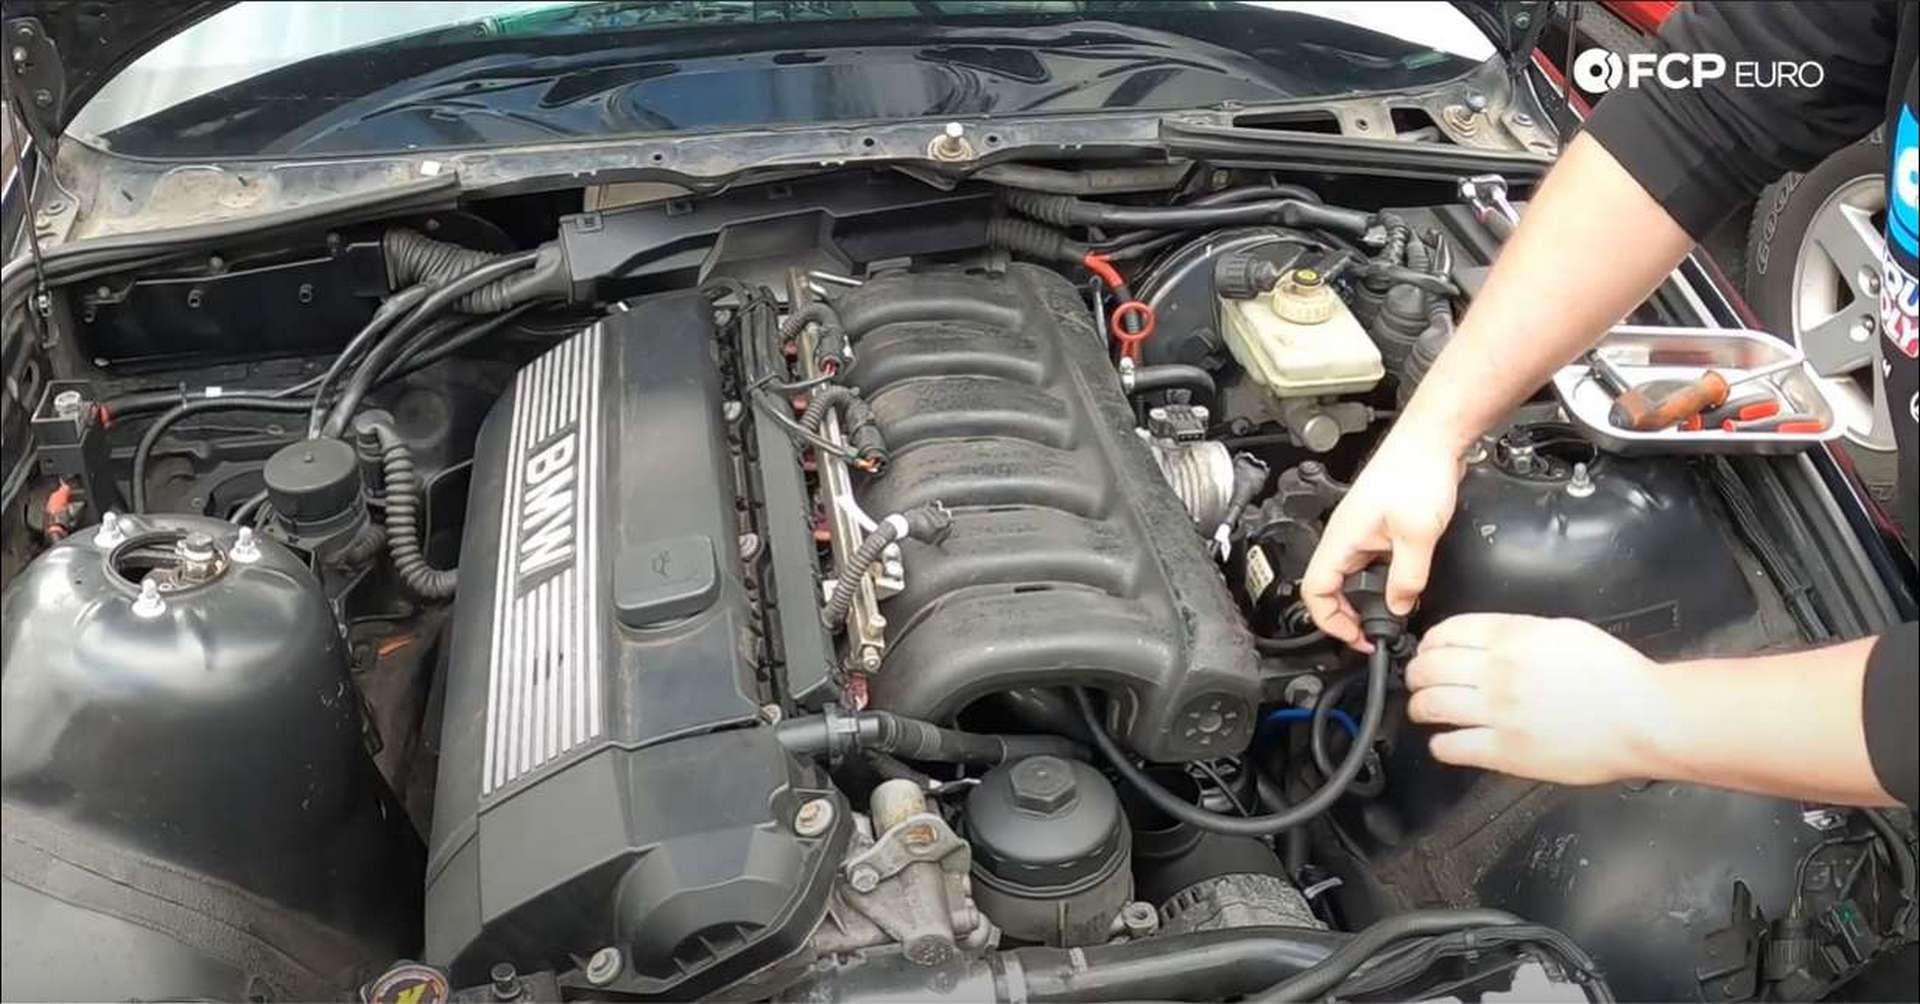 DIY BMW M50 Intake Manifold purge valve